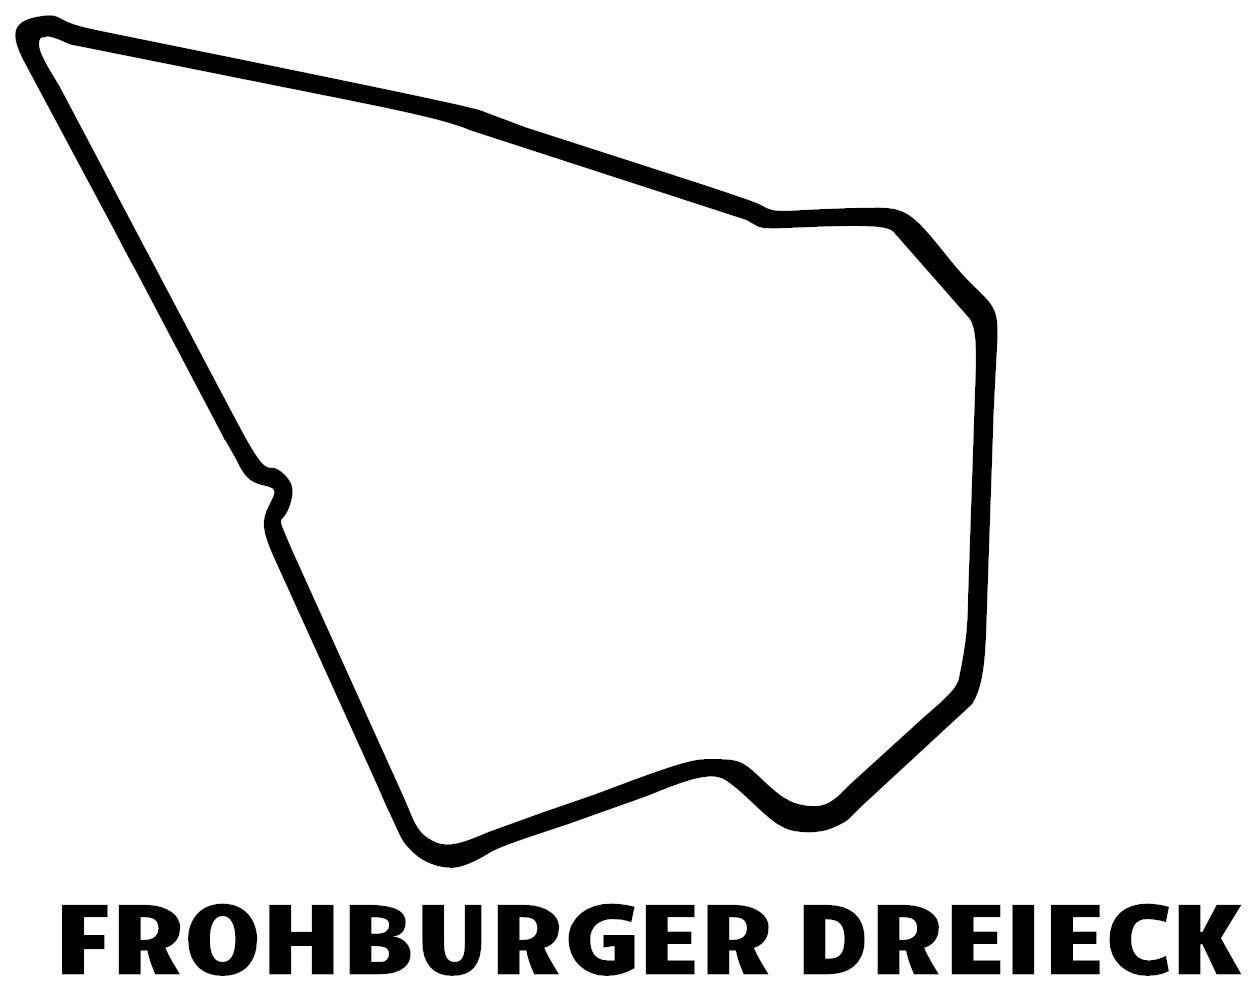 Frohburger Dreieck